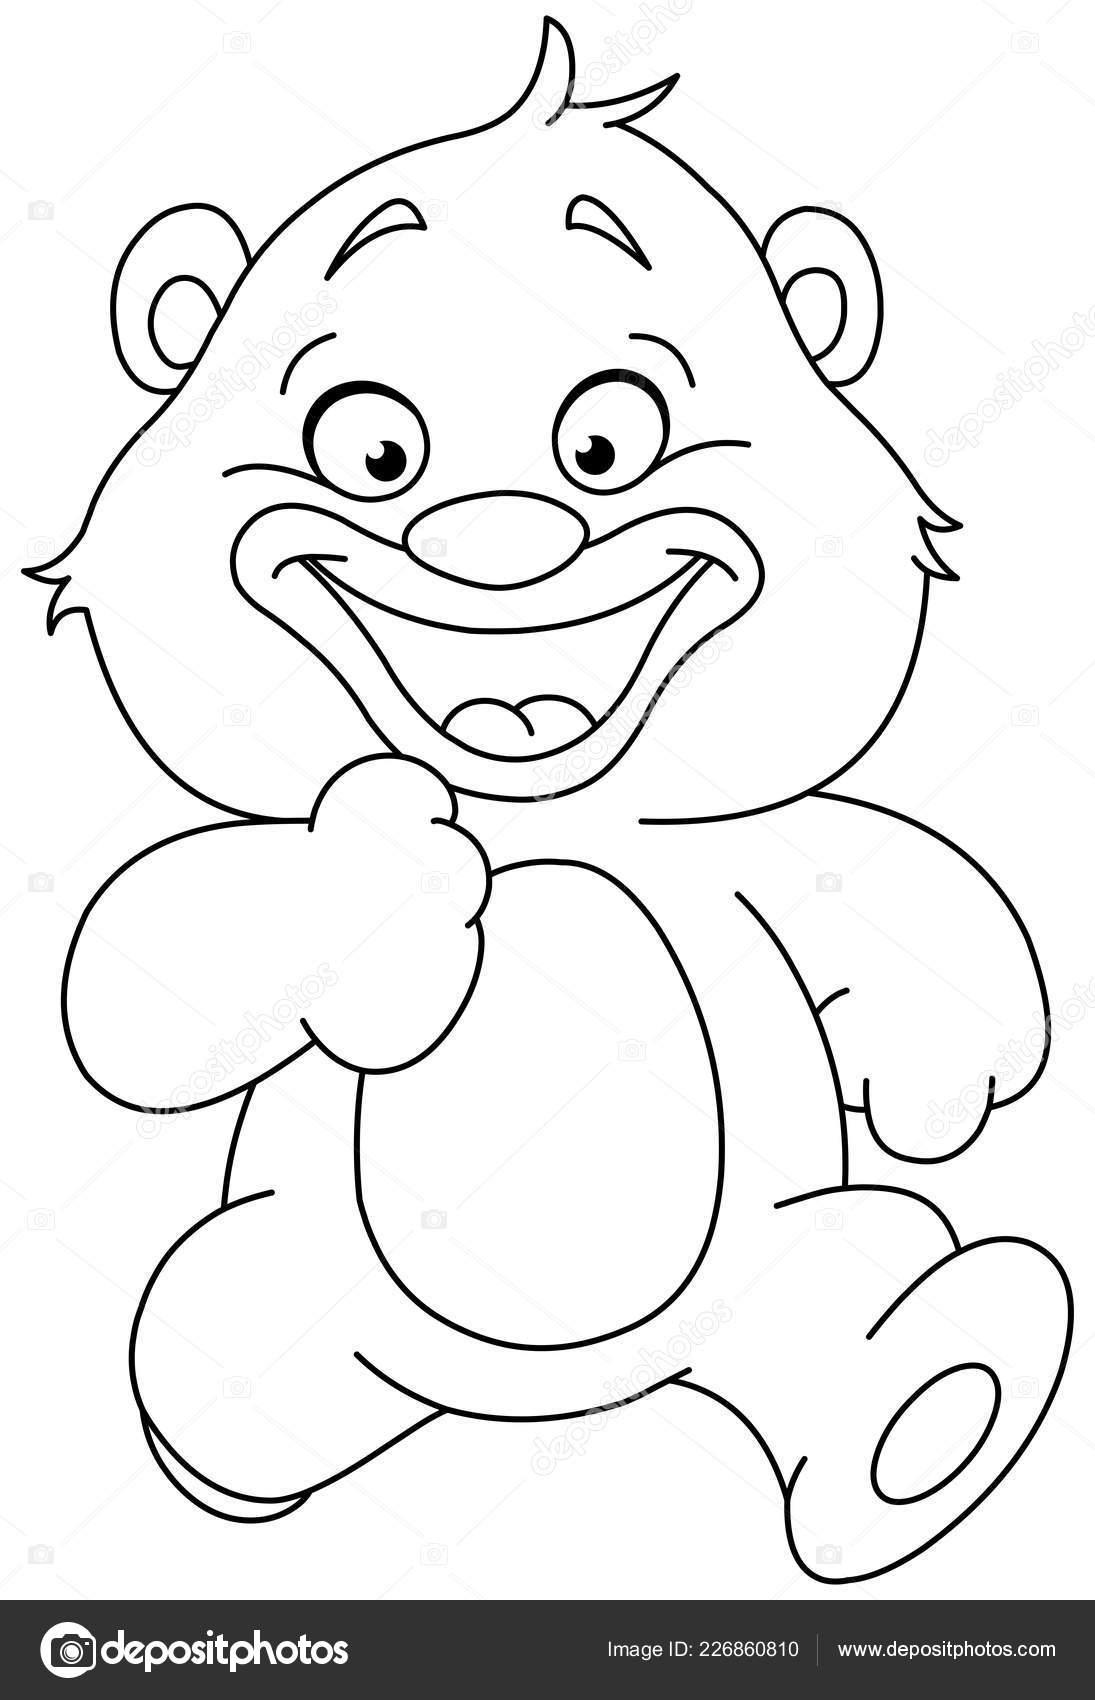 Happy Teddybär Ausführung Beschrieben Linie Art Vektorgrafik